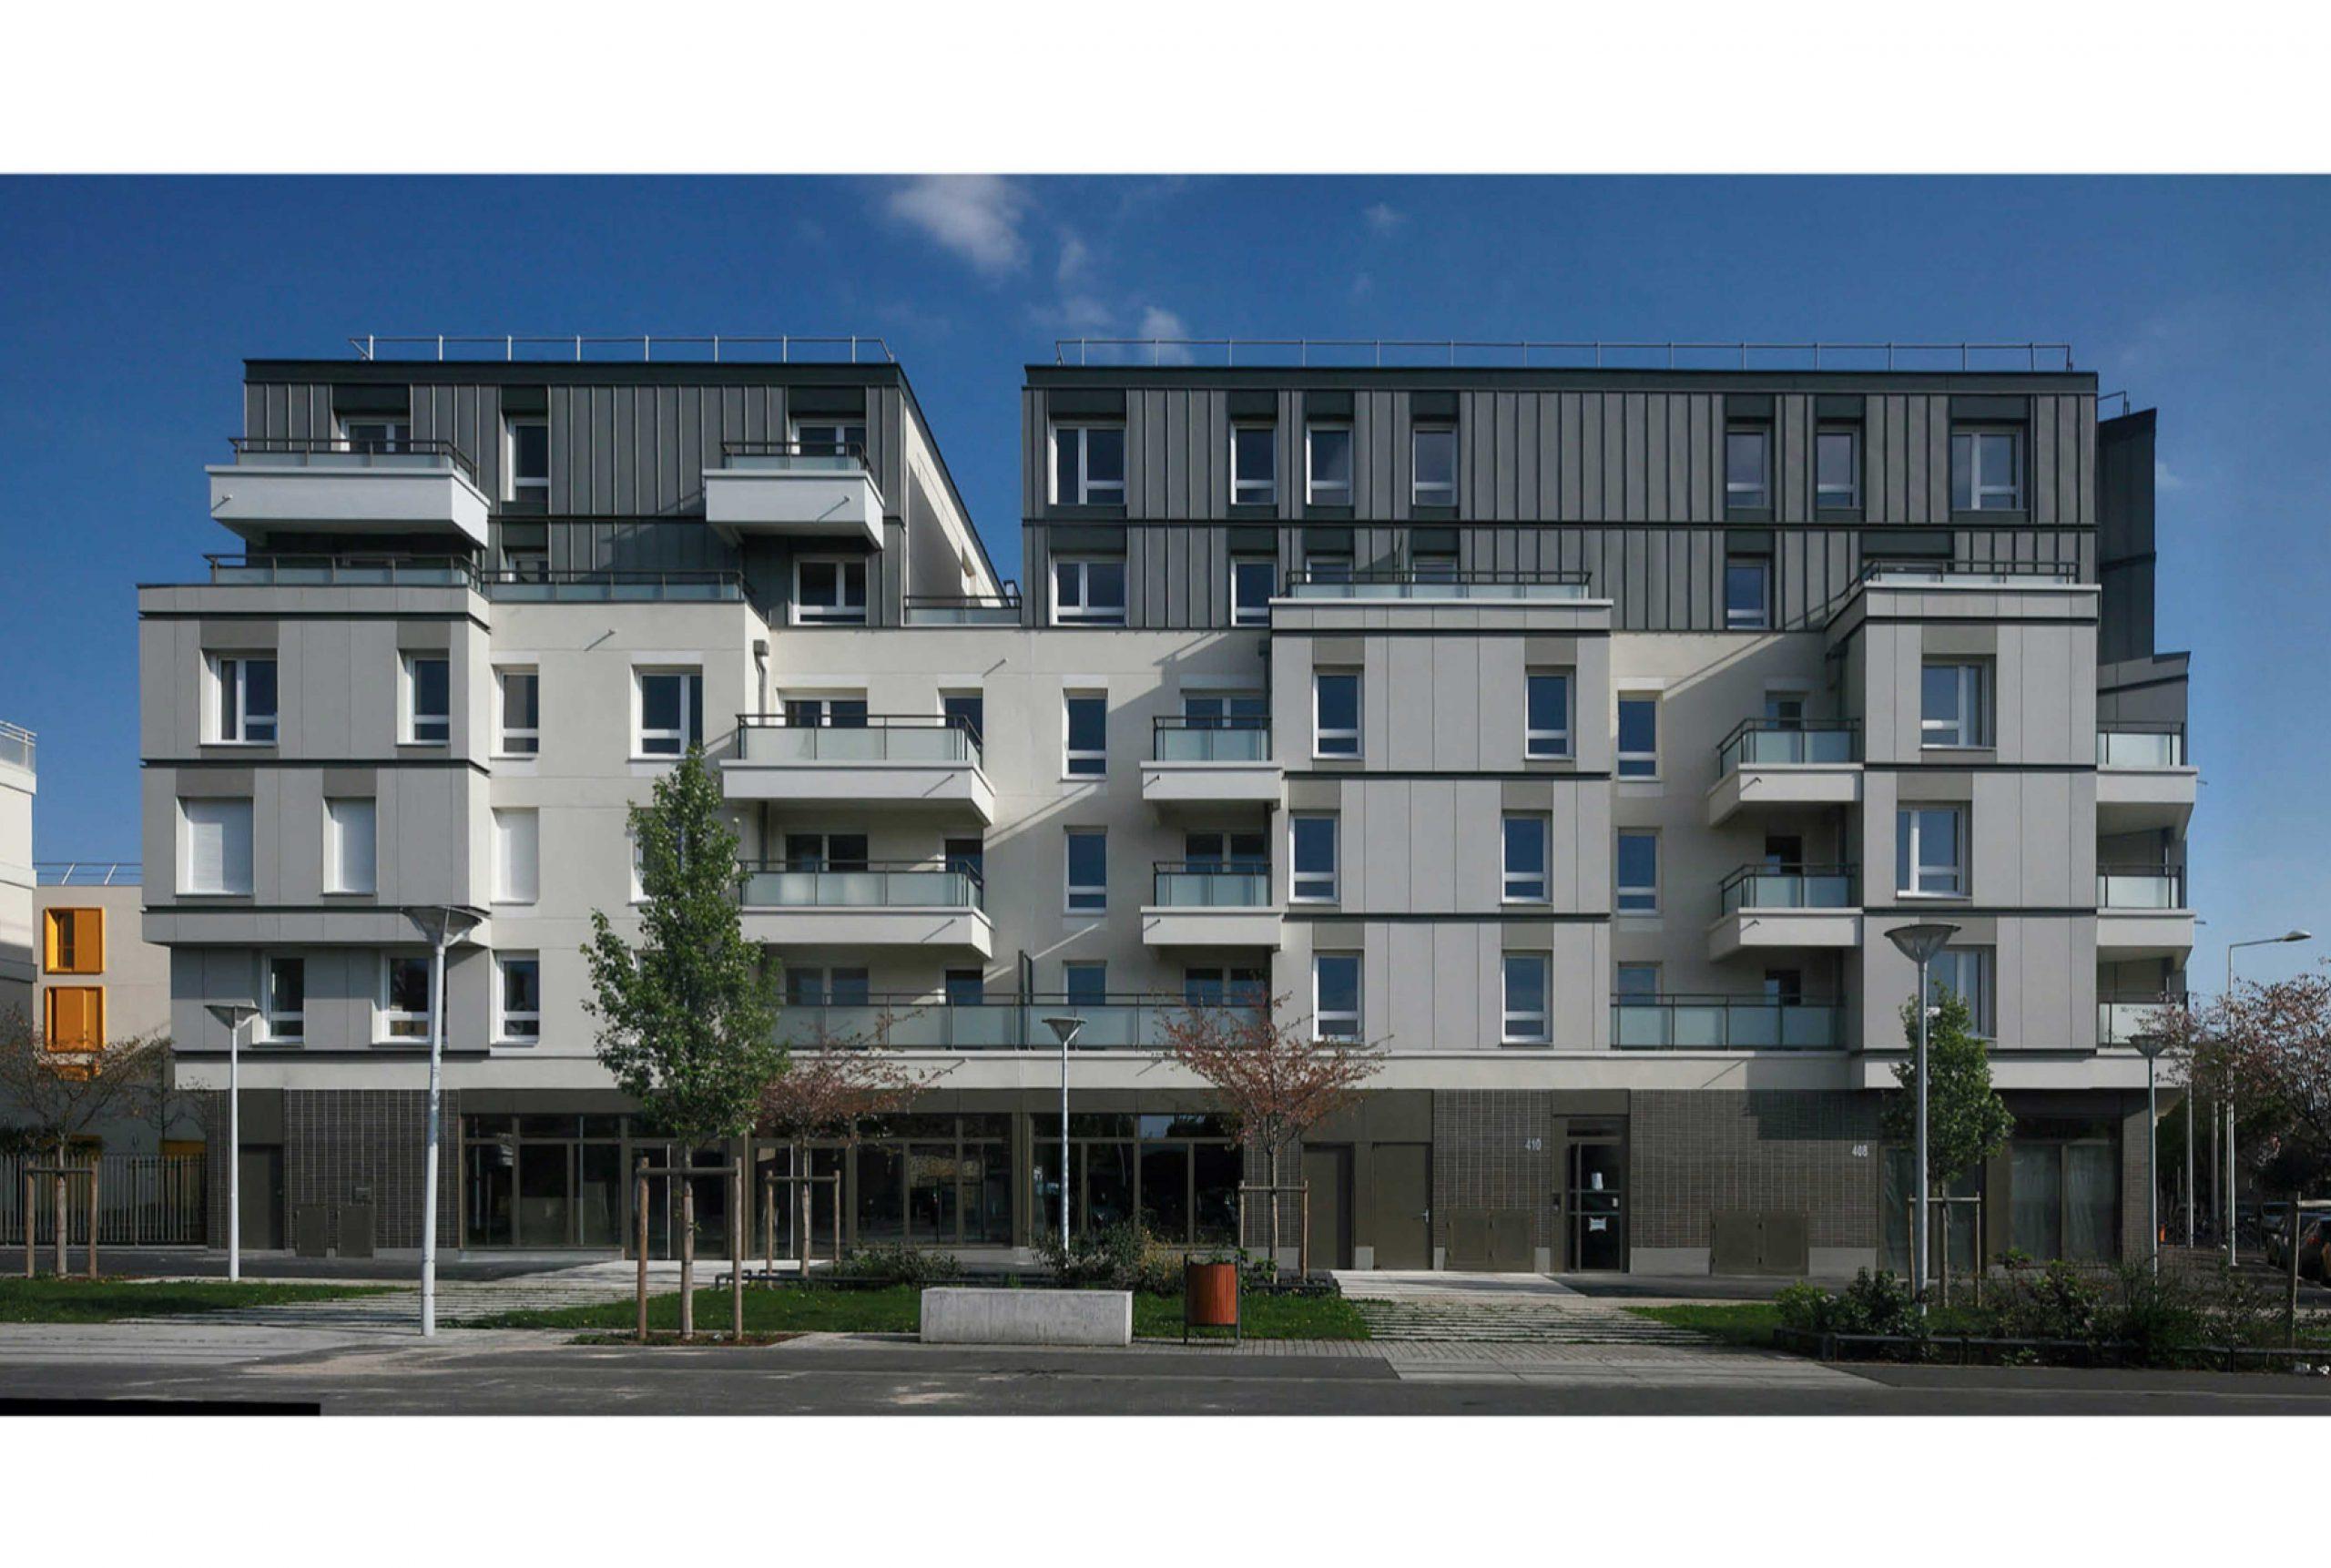 Projet logement Petit Nanterre 1 par Atelier JS Tabet